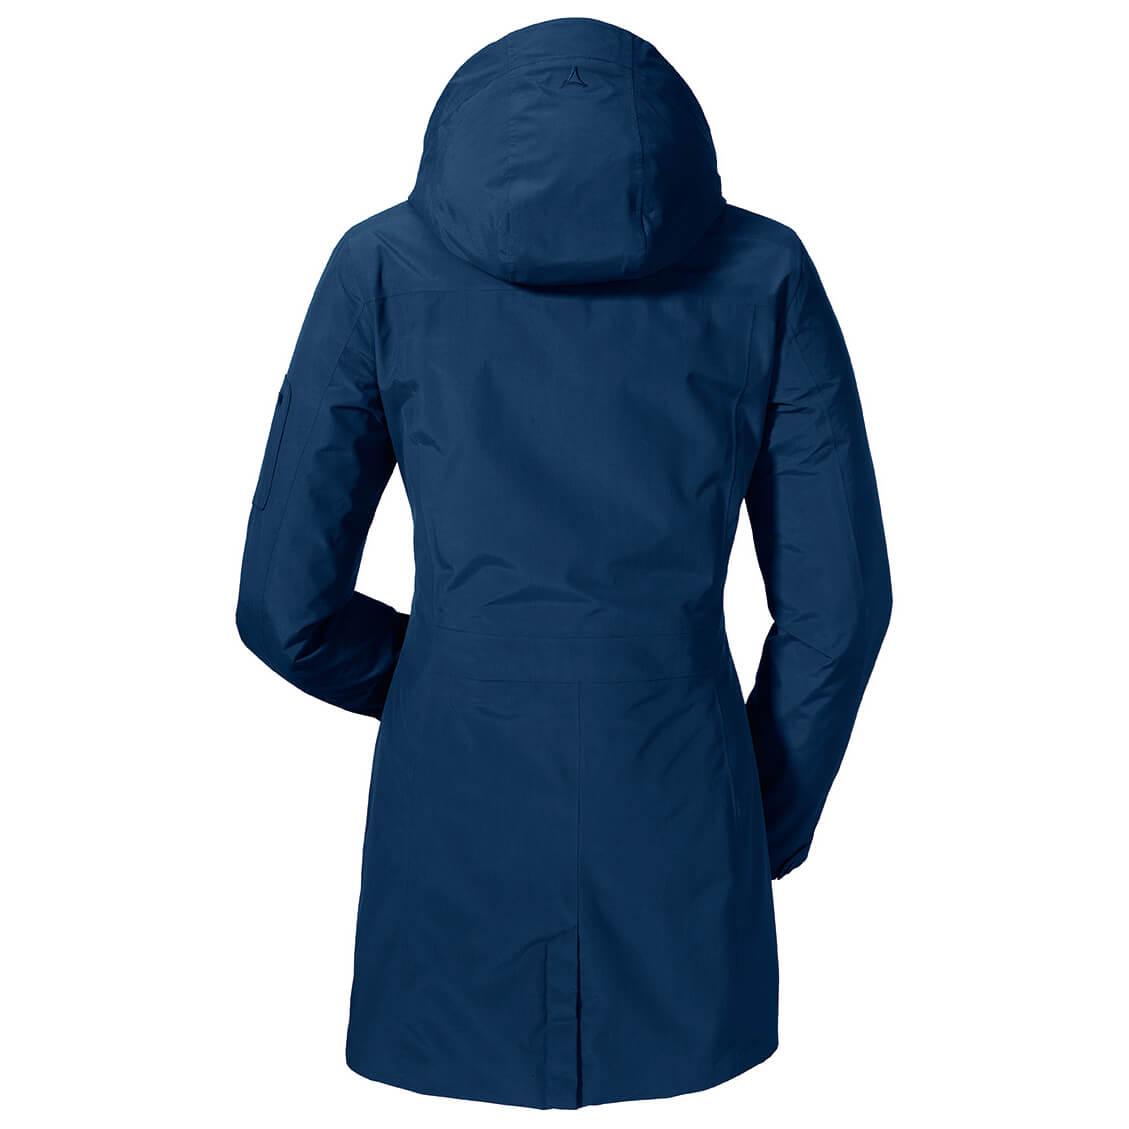 Bestpreis begehrteste Mode neue Liste Schöffel Jacket Shanghai 1 - Coat Women's | Buy online ...